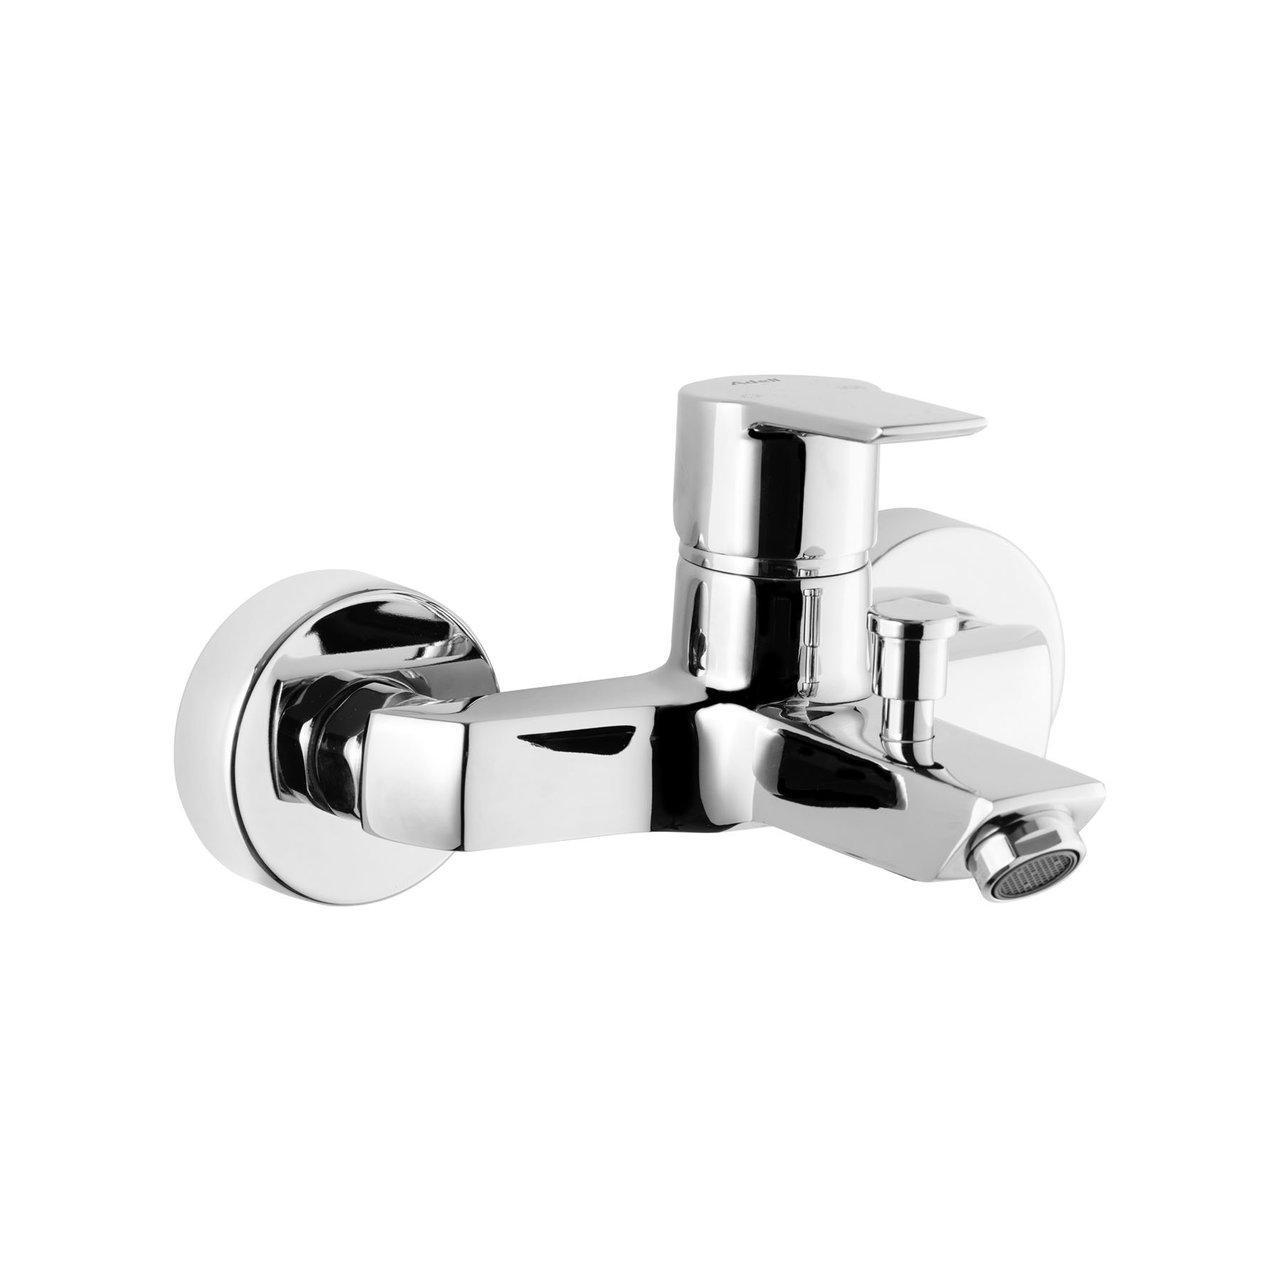 Змішувач для ванни Adell Neon (15710501) хром